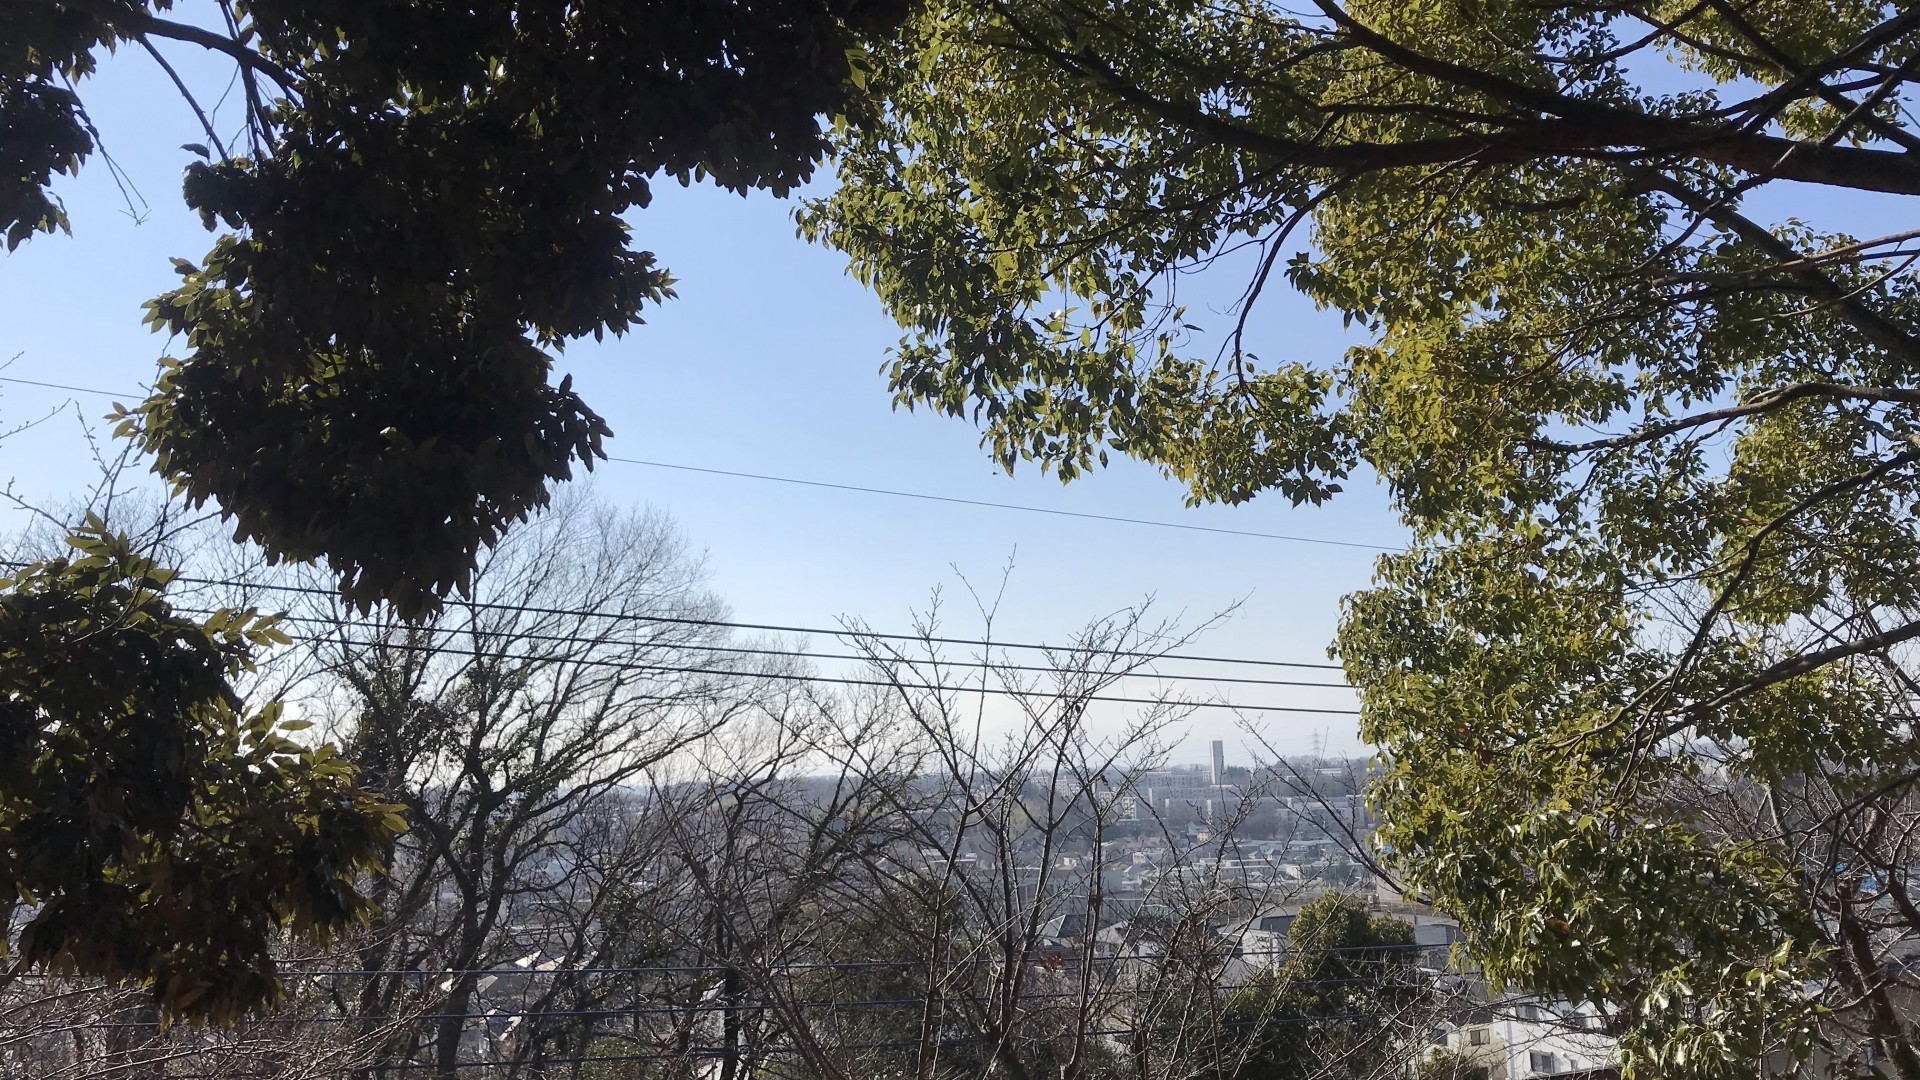 คะนะโฮะโดะ มะเนียวอุเอ็น (เส้นทางเดินในพื้นที่ตอนเหนือของอะสะโอะ-คุ ซึ่งมีวิวภูเขาฟูจิ)